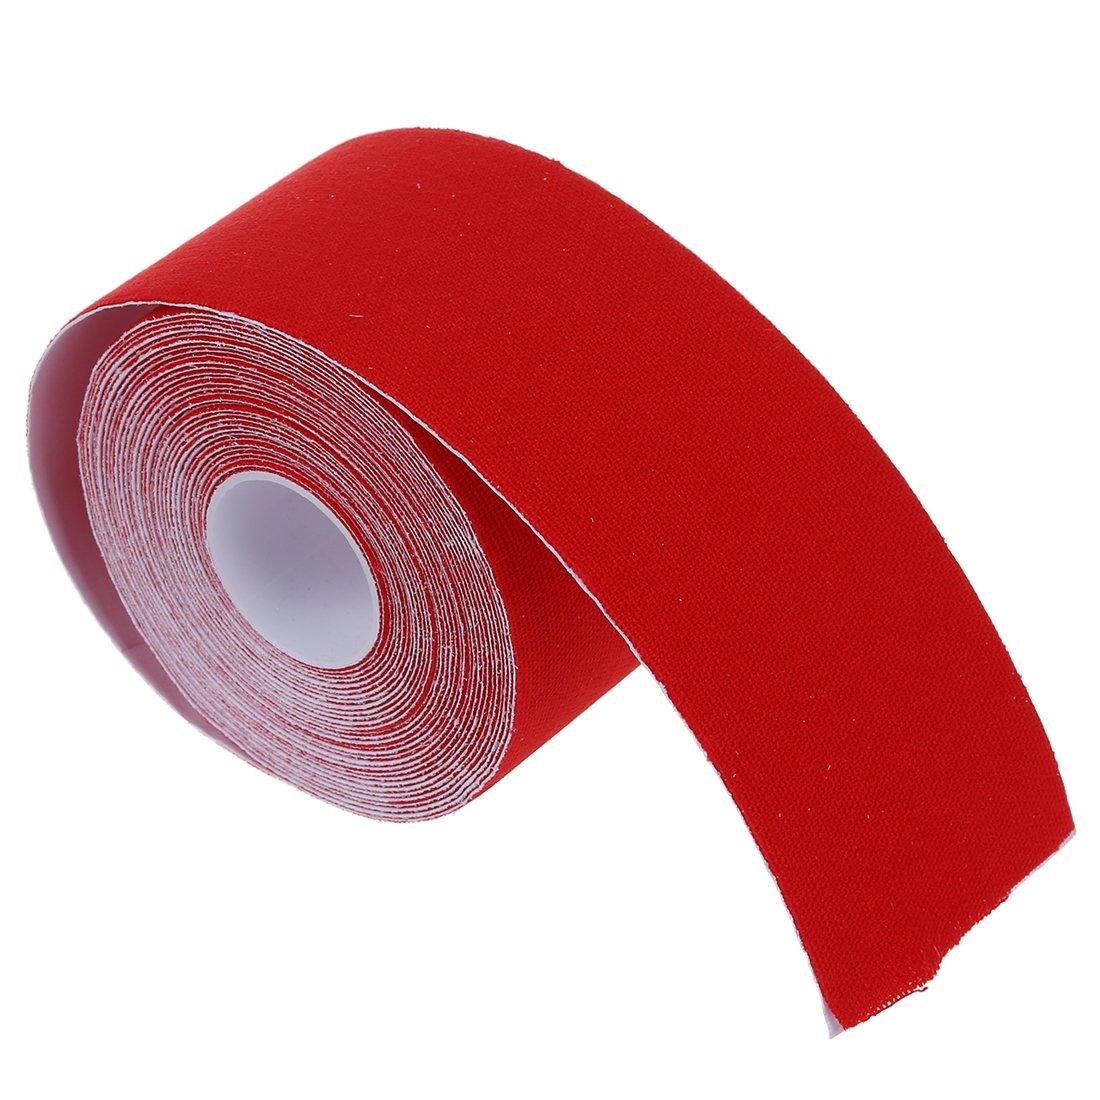 5CM RETYLY 1 Muscles au Tableau dkinesiologie Soins de Remise en Forme Sante Ruban athletique 5M Rouge